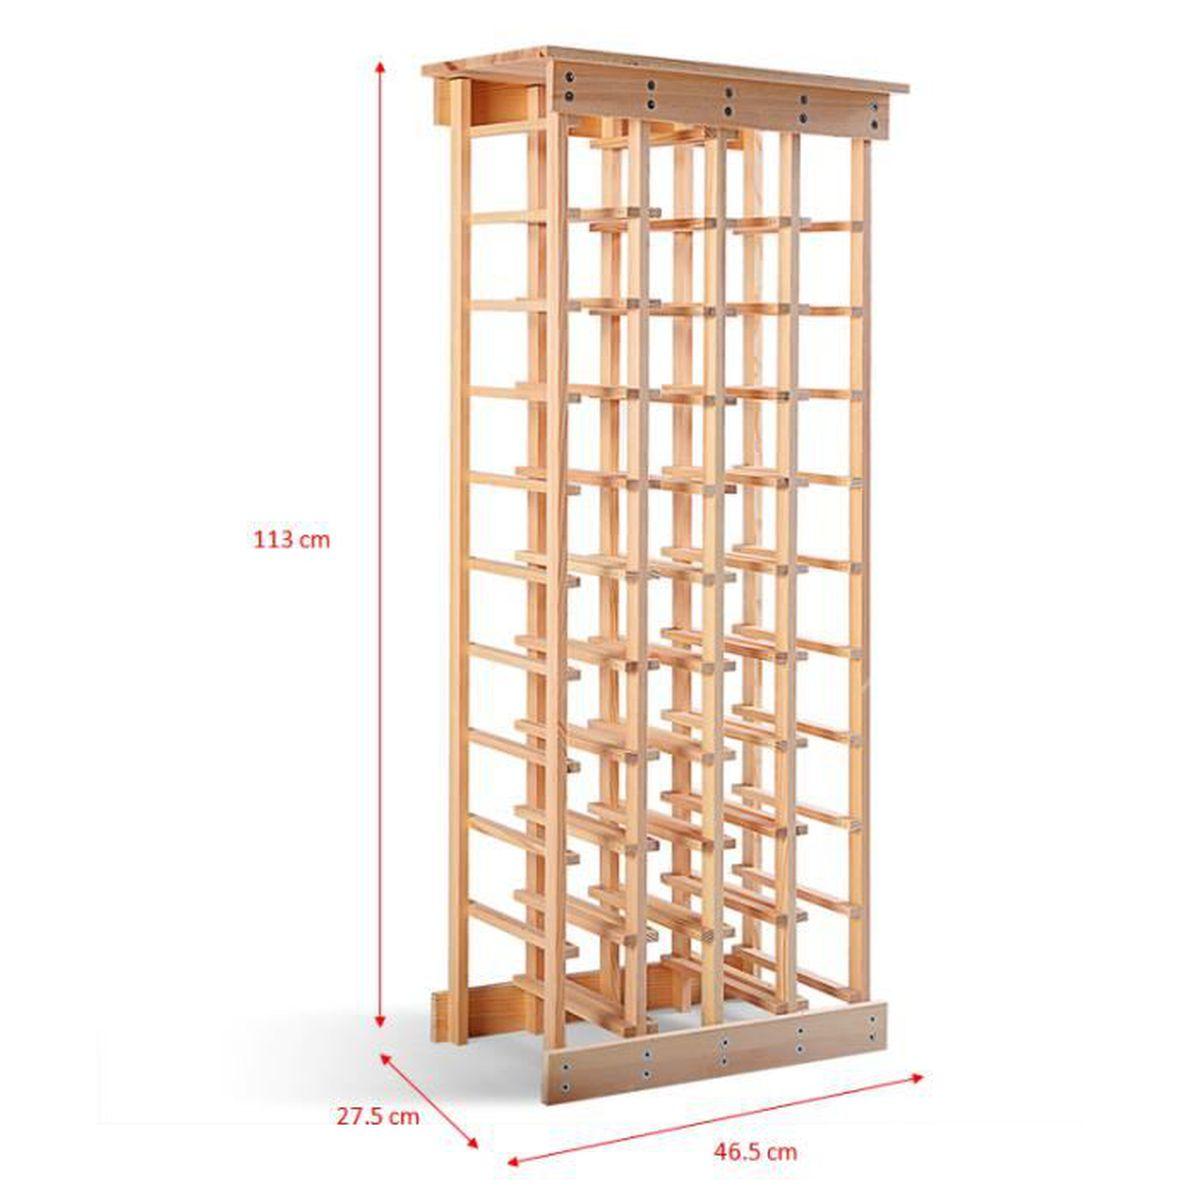 Fabriquer Casier À Bouteilles En Bois Étagère à vin casier à 44 bouteilles en bois de pin robuste modulable 46,5  x 27,5 x 113 cm